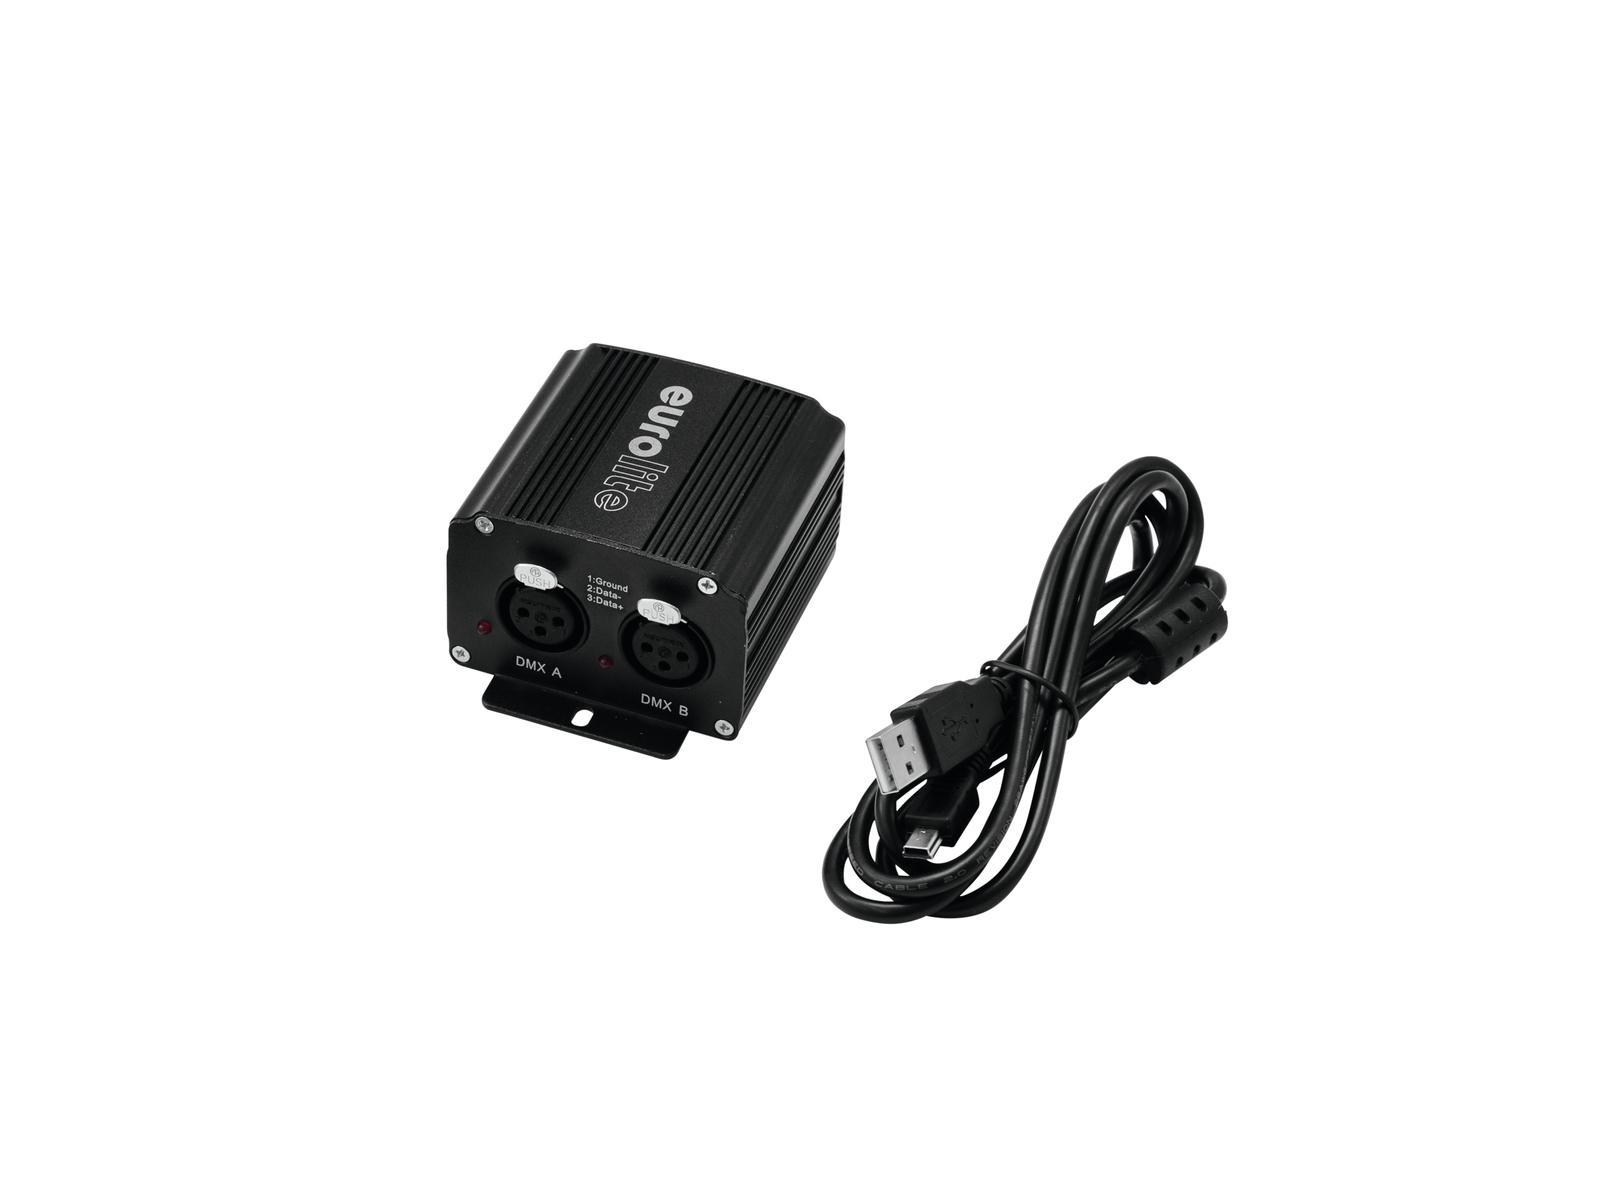 EUROLITE USB-Interface 2x512 DMX/Artnet inkl. 64x DMX512 Steuersoftware